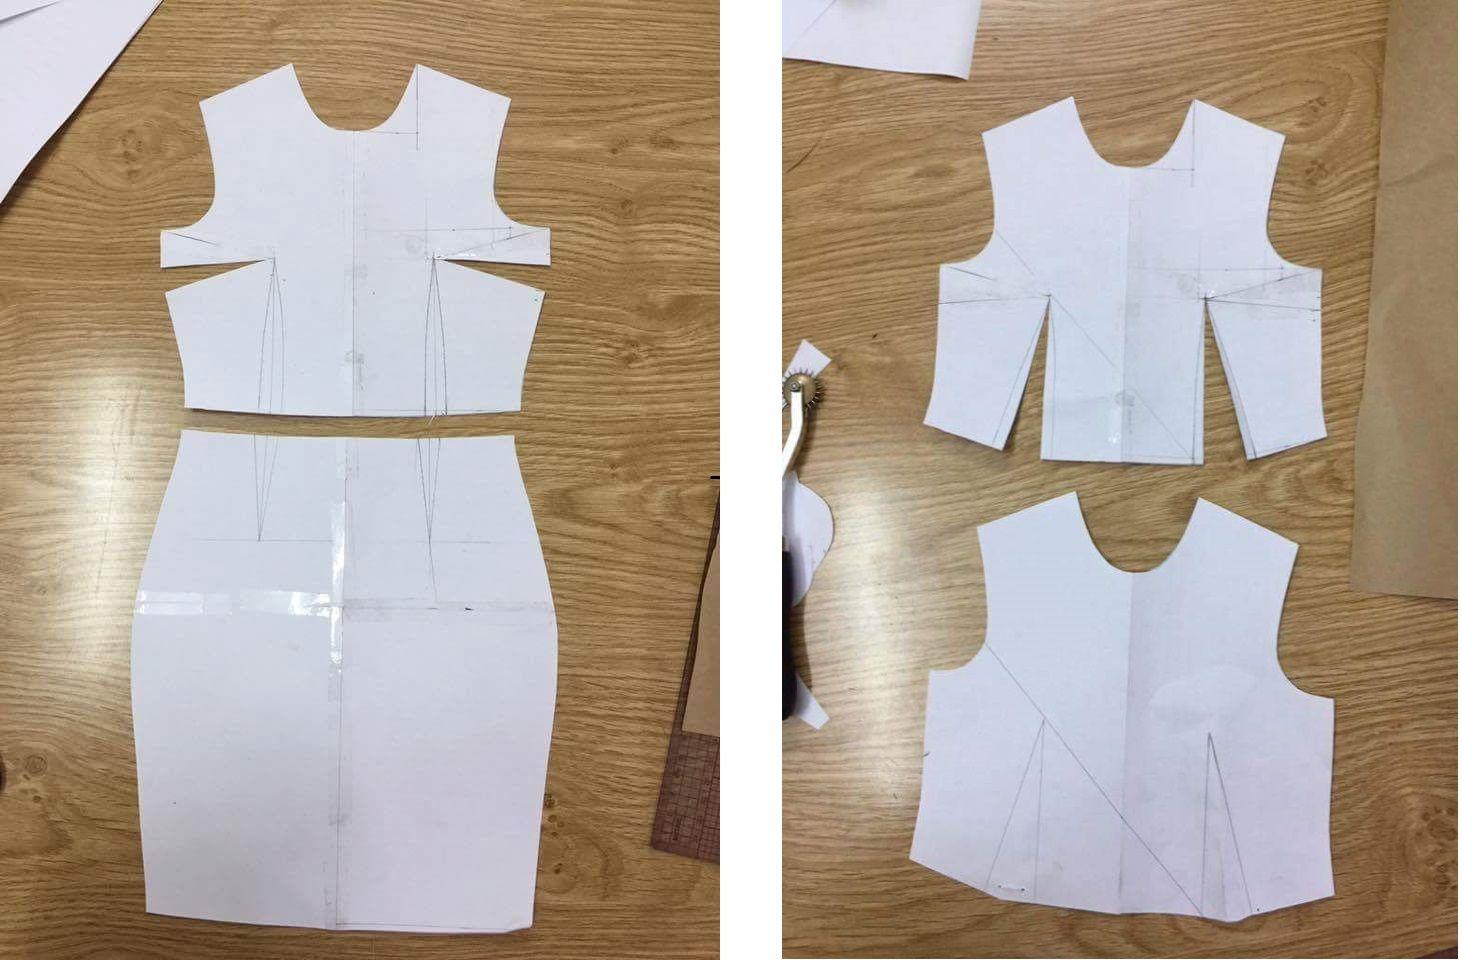 تحميل كتاب قواعد الخياطة والتفصيل مجانا Pdf لتعلم تصميم الازياء مقدم من الاكاديمية الدولية لتصميم الازي Clothes Design Pattern Fashion Fashion Sewing Tutorials